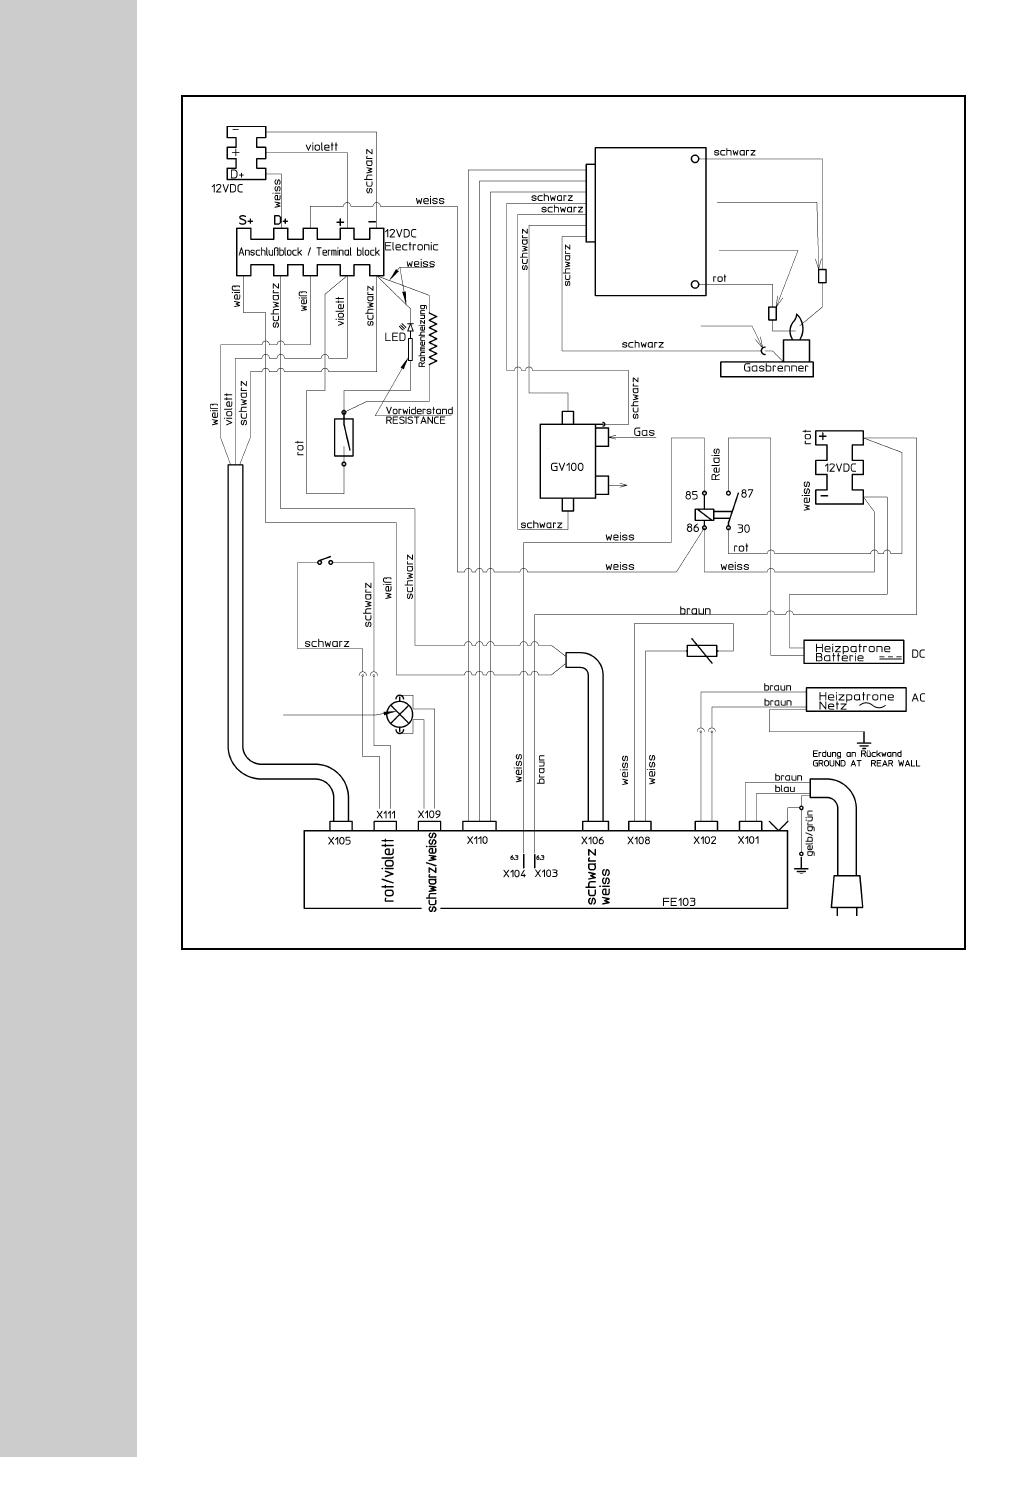 Dometic Kühlschrank Rm 7390 L, Dometic... - Delores Curry Blog